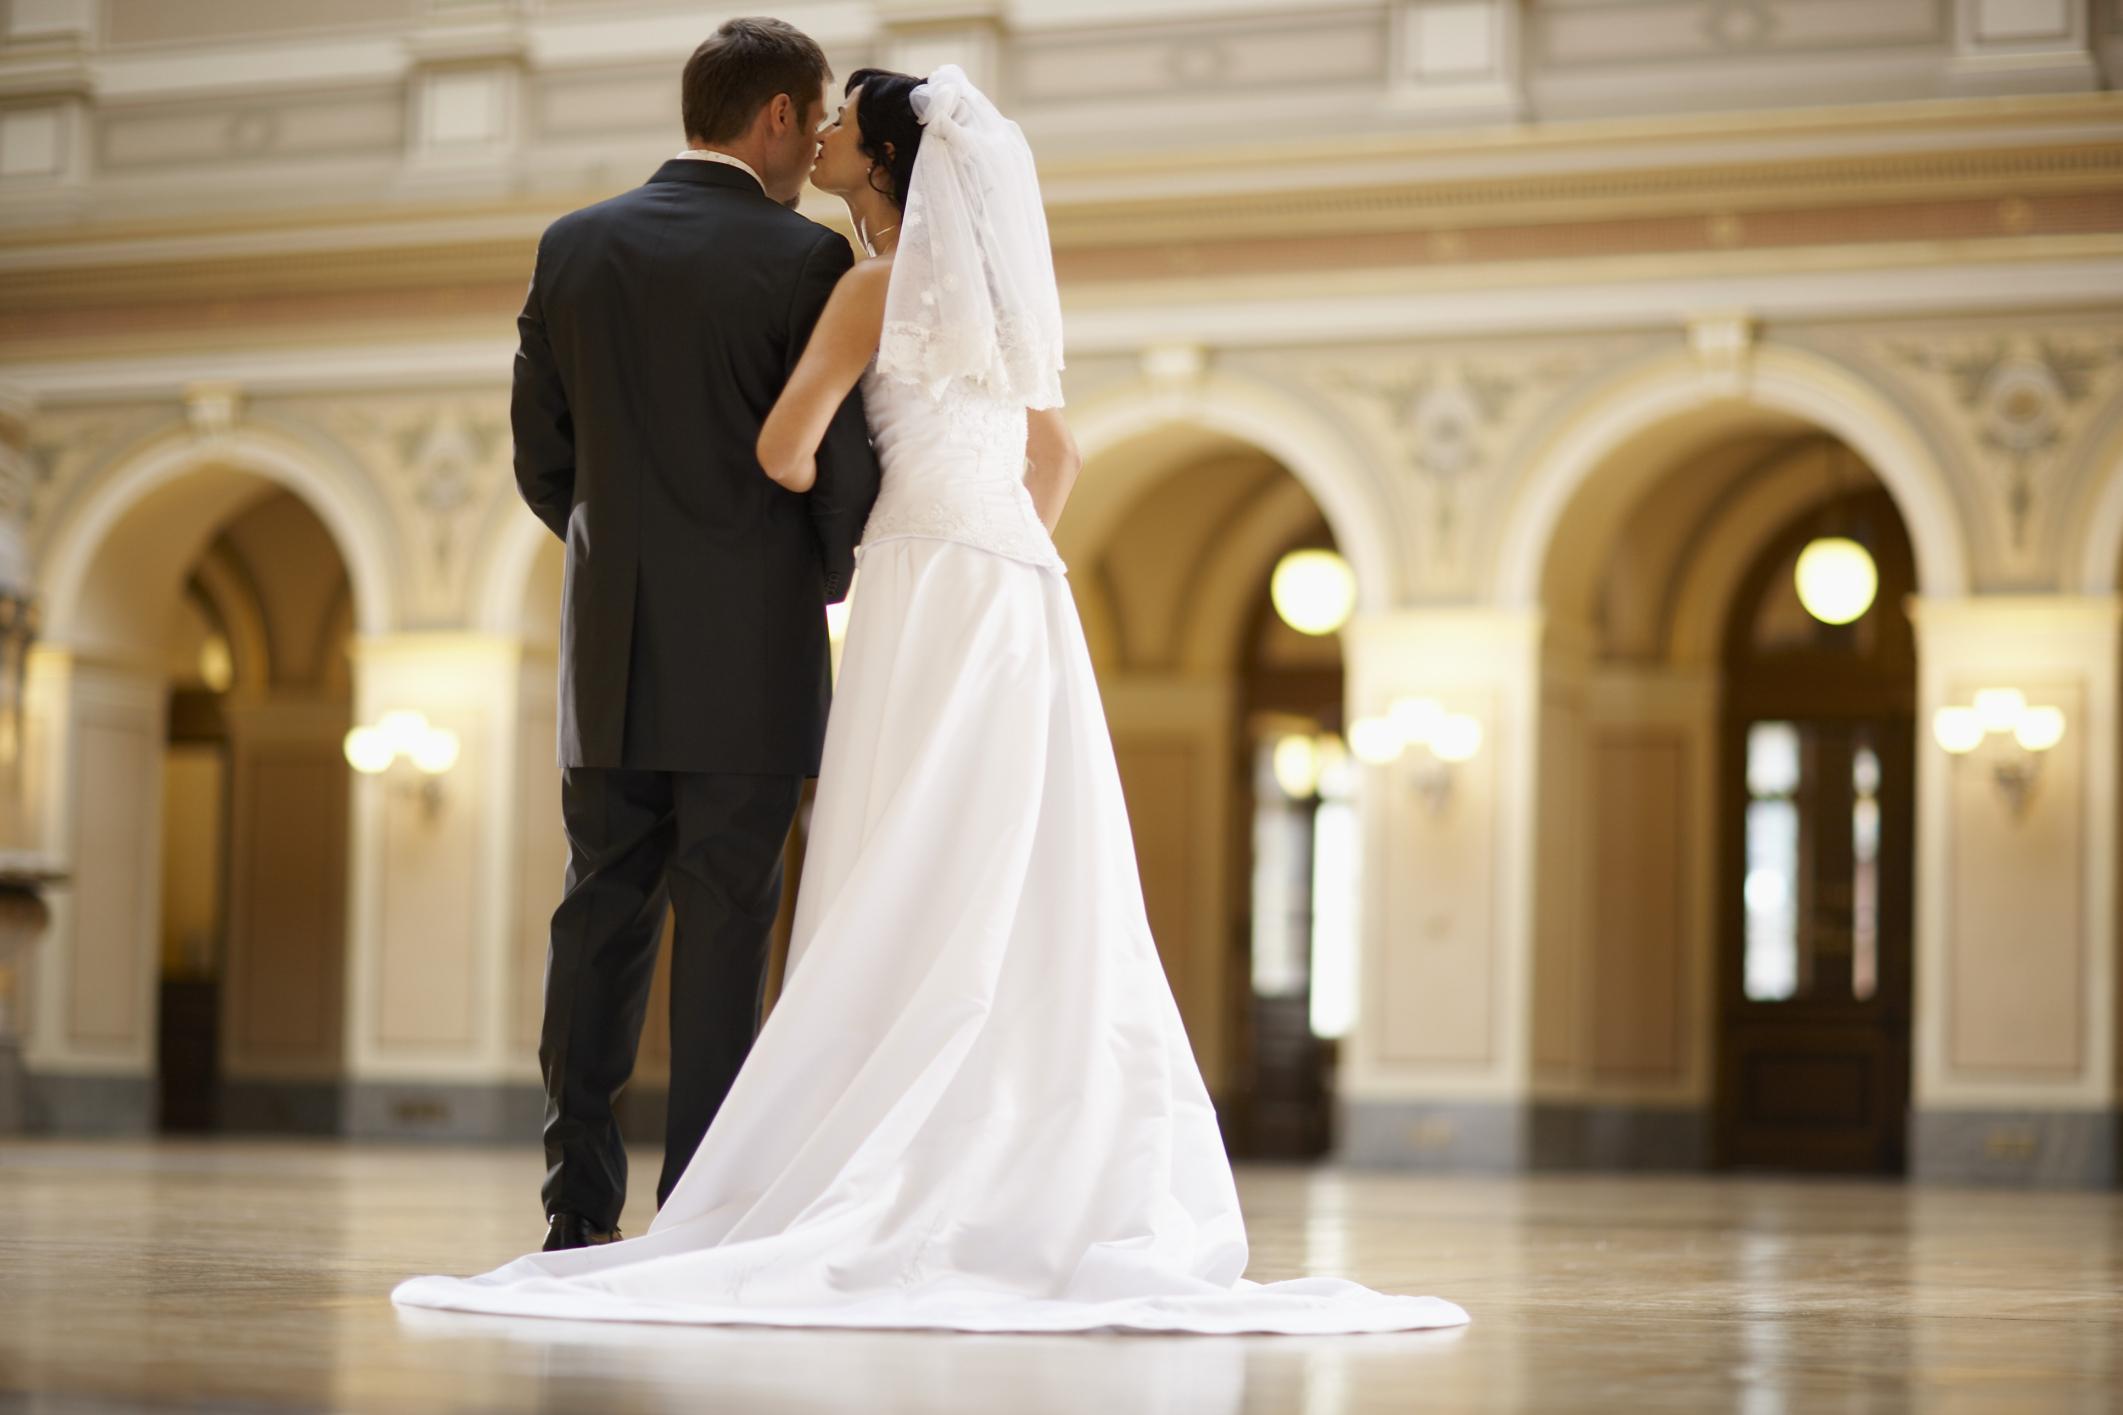 Từ vựng tiếng Anh về tình yêu và hôn nhân – Love and Marriage